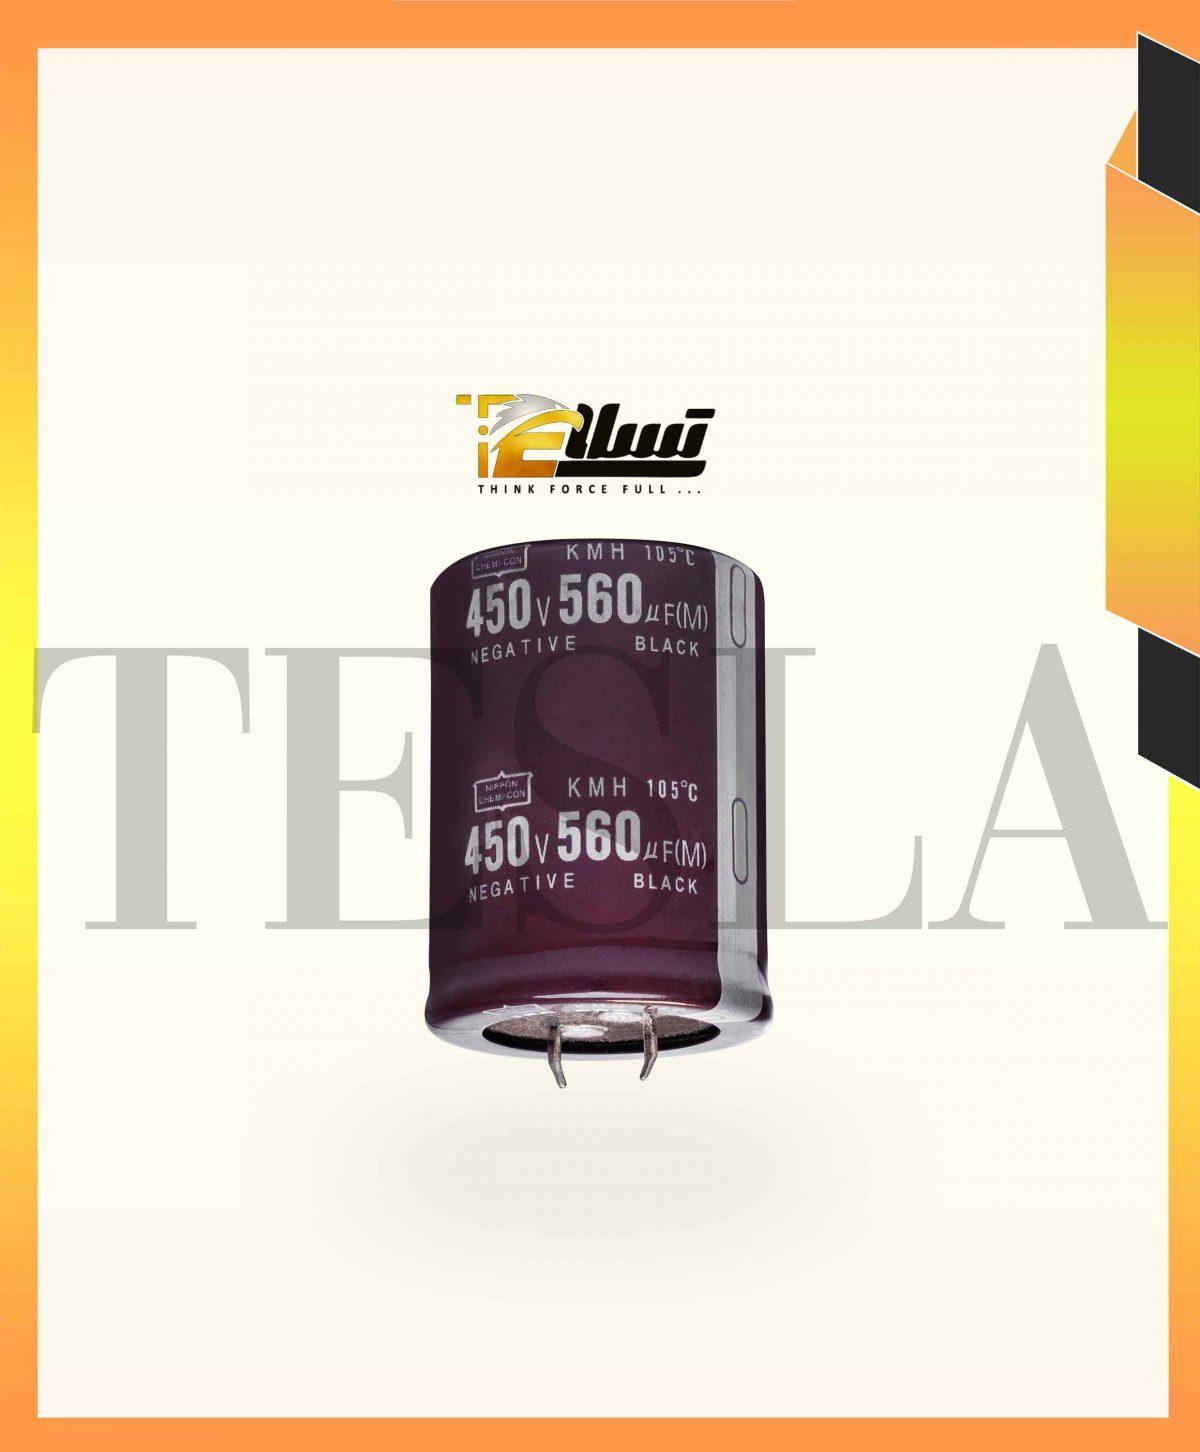 خازن 450 ولت 560 میکرو فاراد